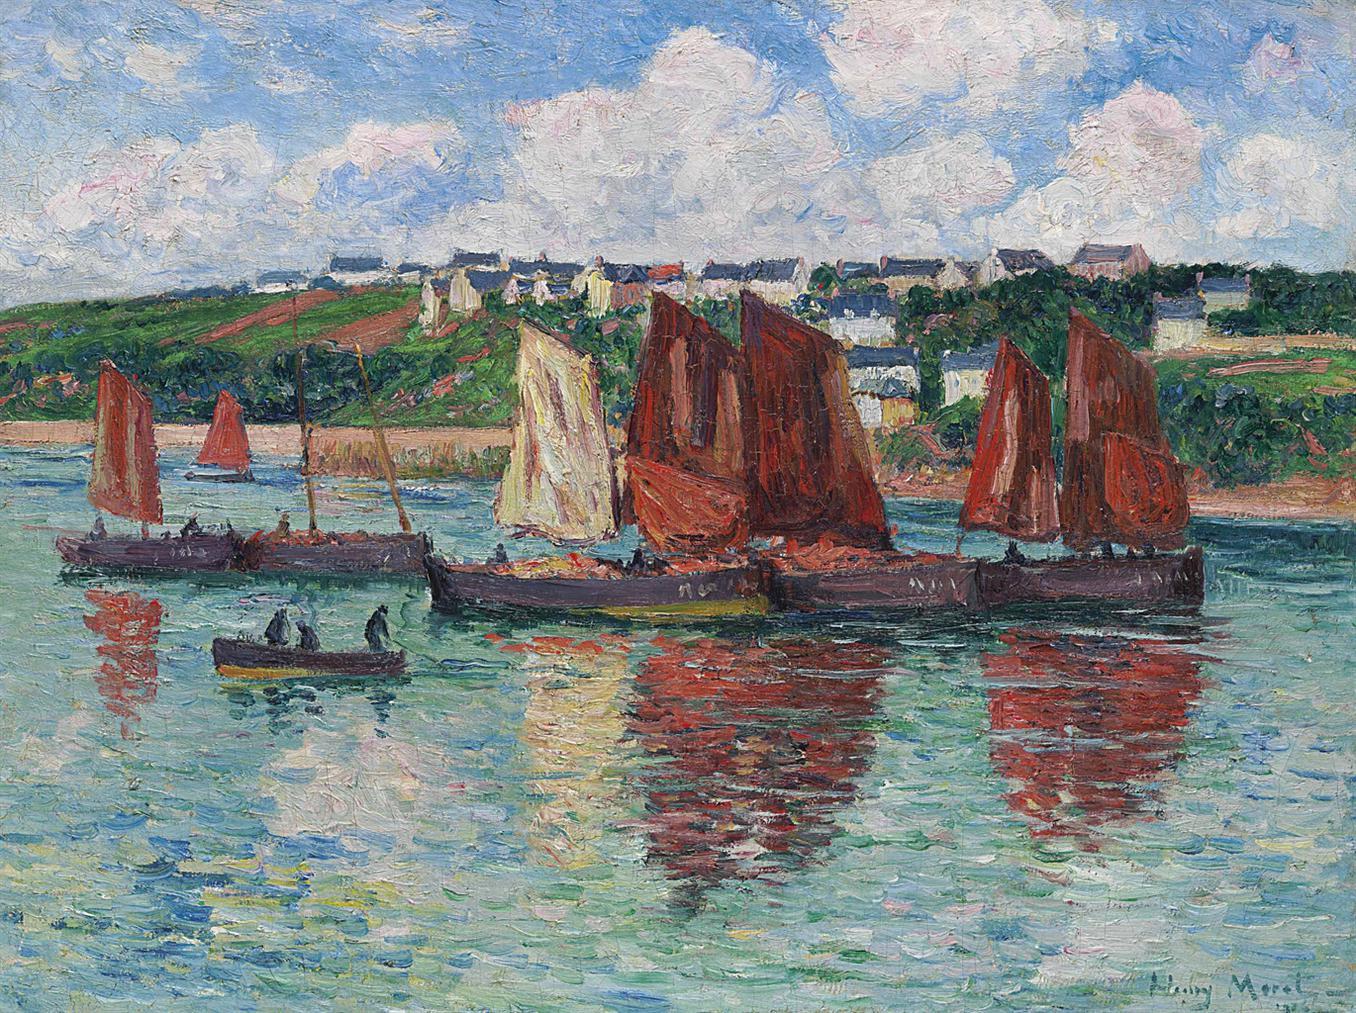 Henry Moret-Les Bateaux De Peche A Audierne-1905